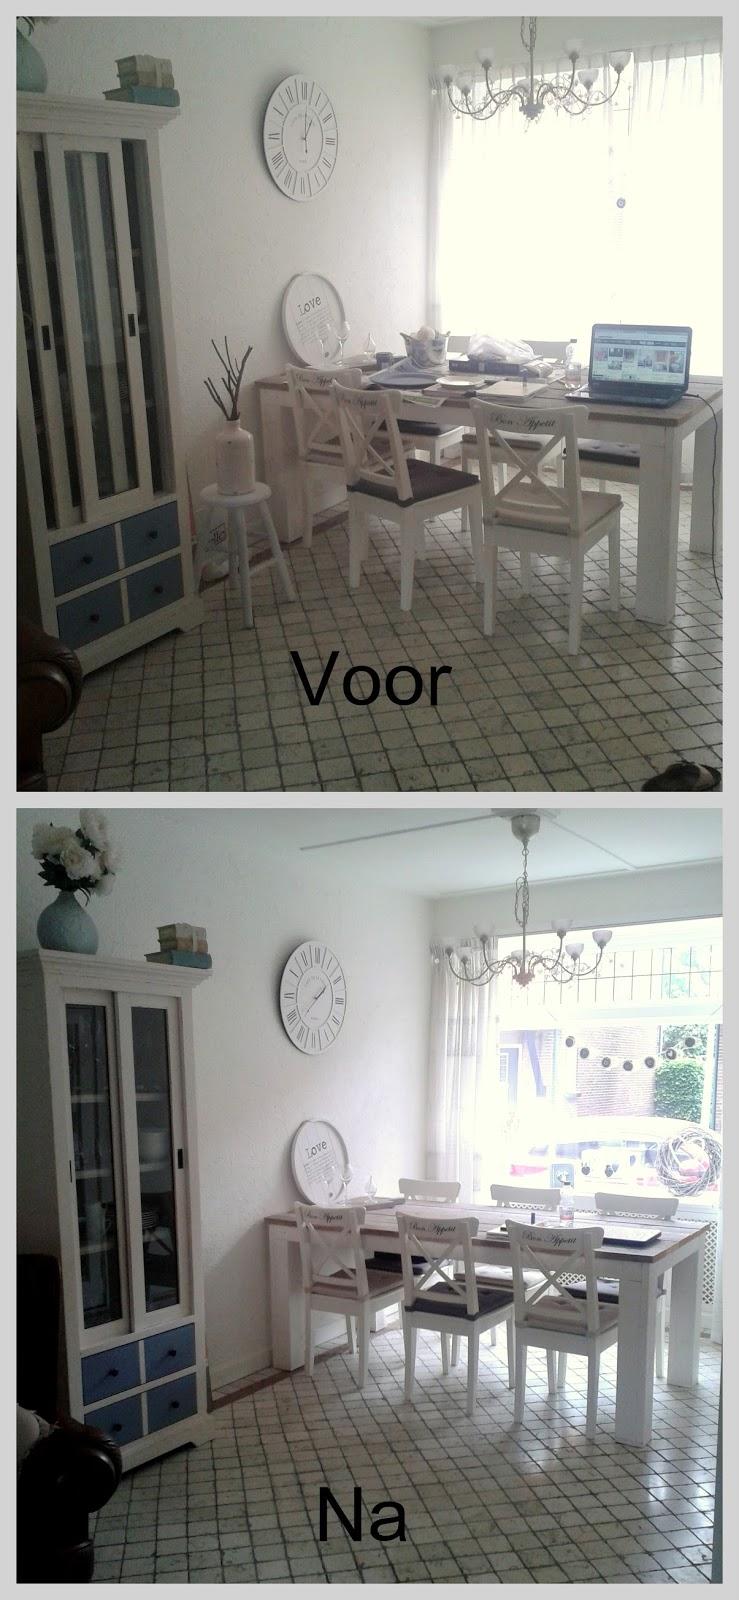 Made with your own love hoe je een schoon huis kunt faken voor die last minute visite - Hoe je je woonkamer eetkamer kunt verbeteren ...